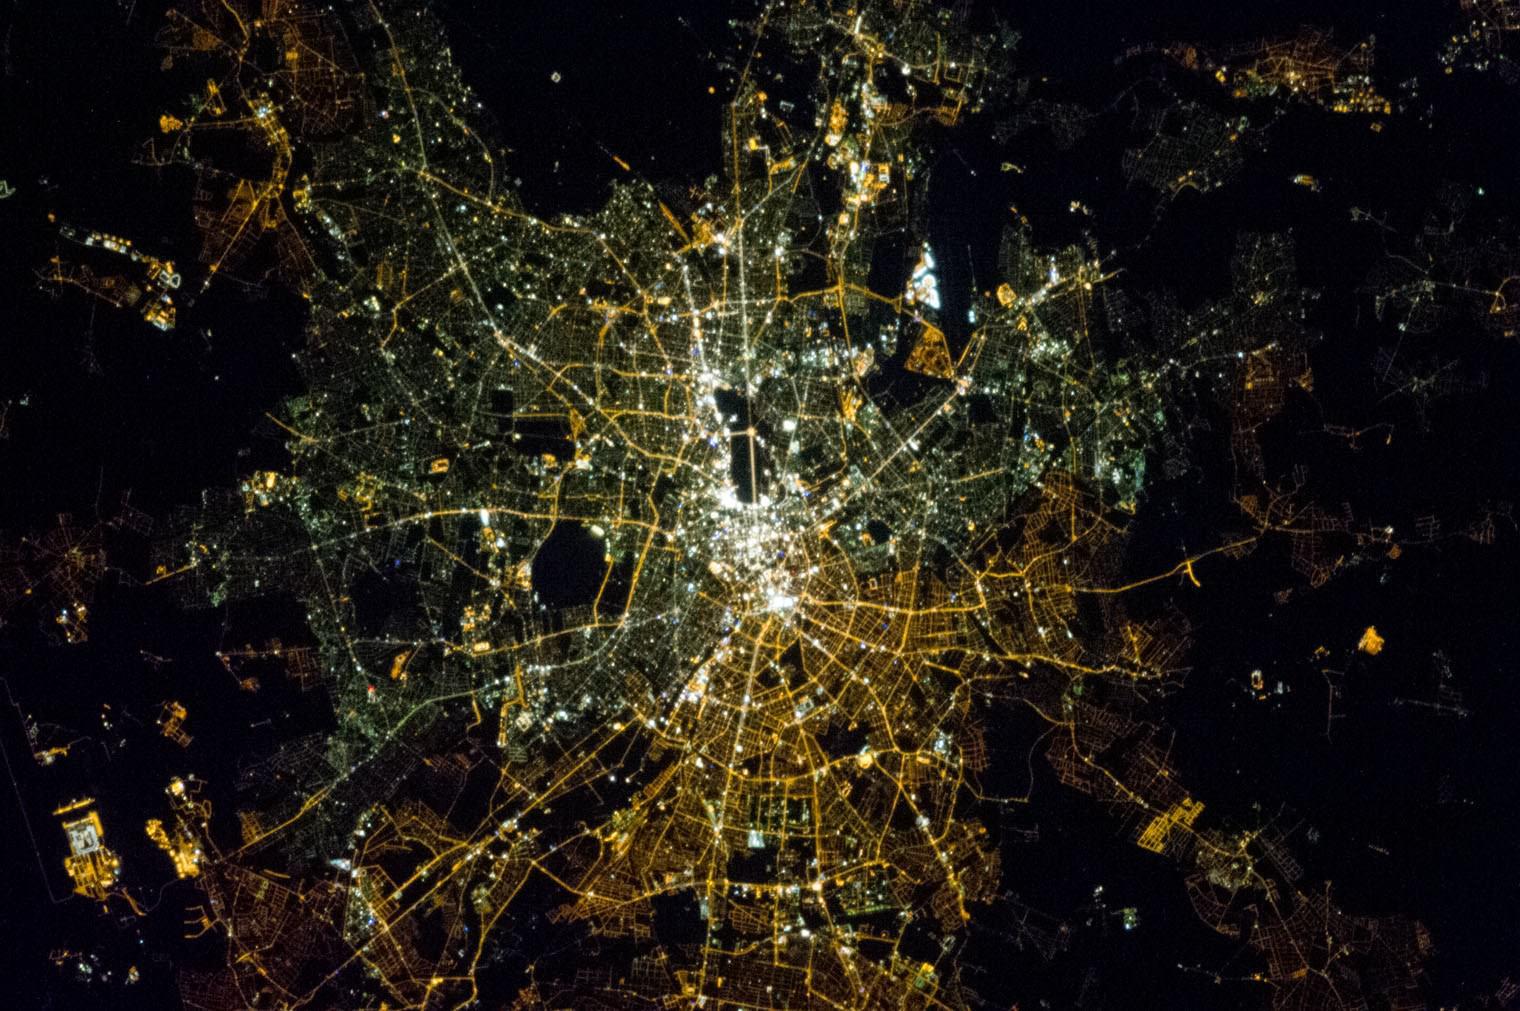 созданию спутника фото в космосе светящегося города каждом есть